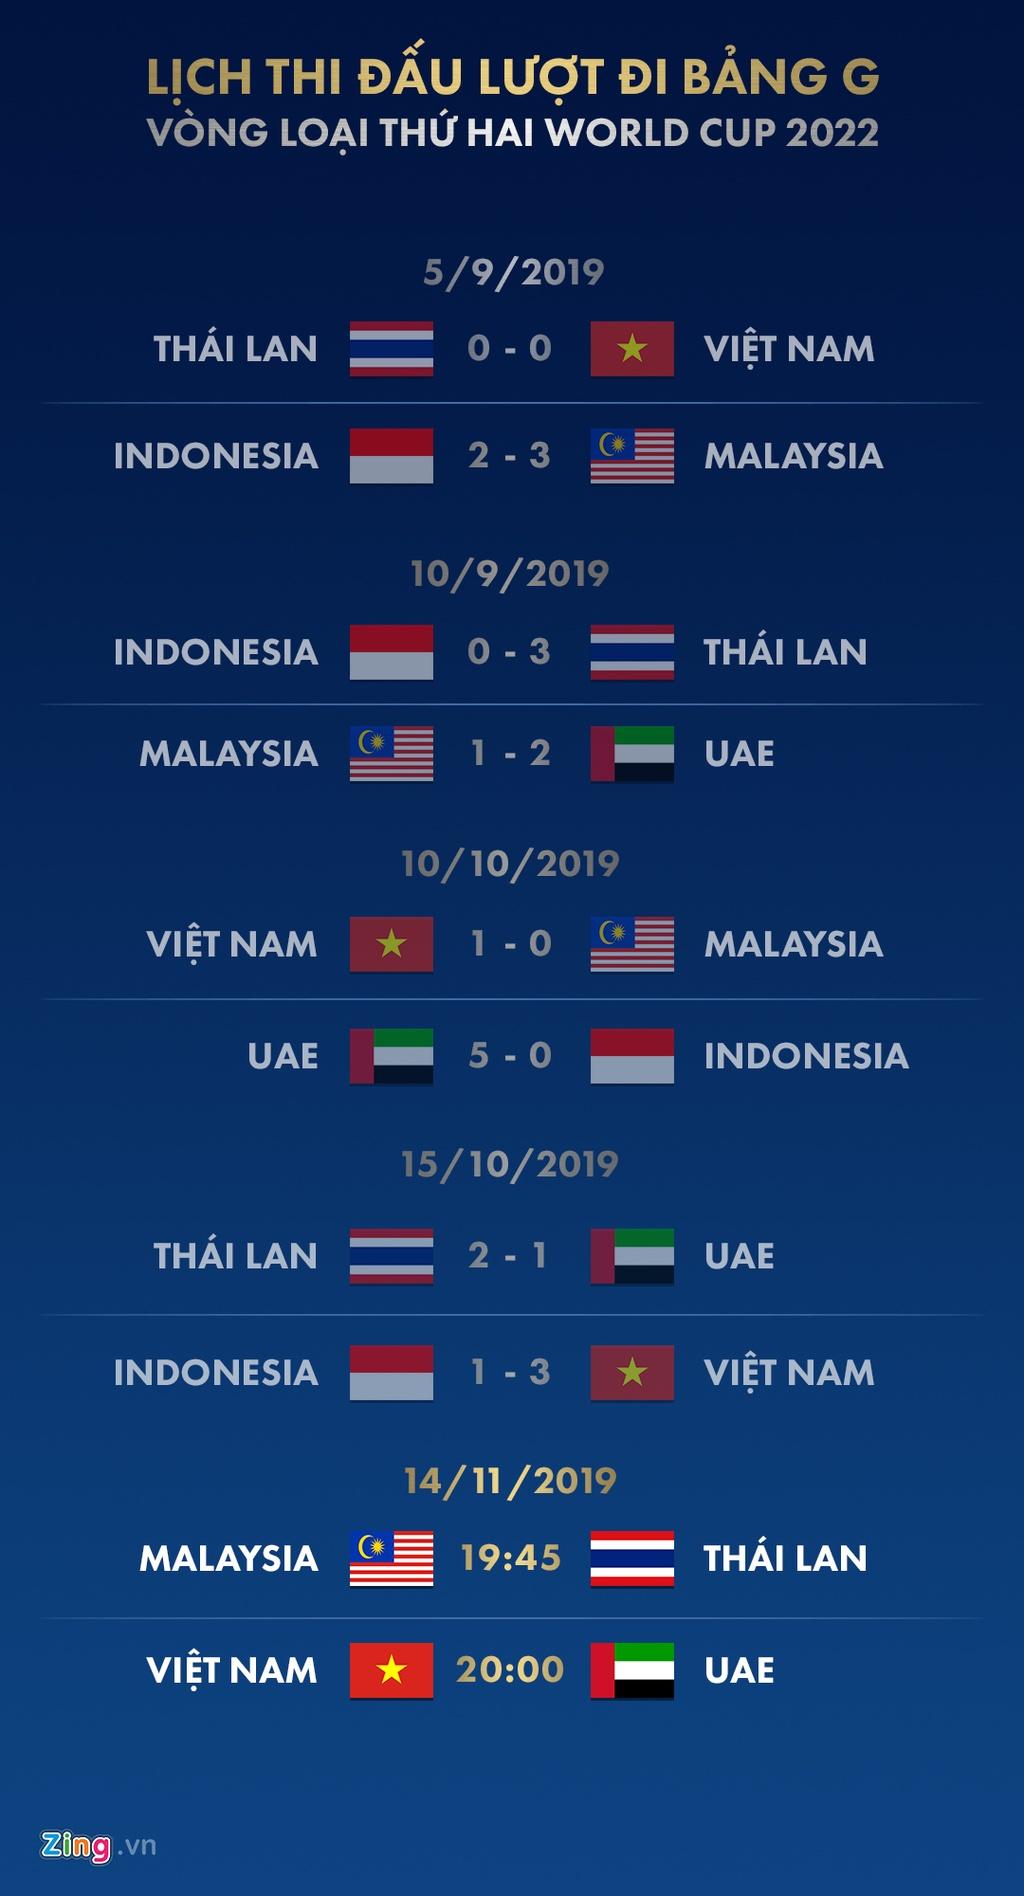 Lich thi dau vong loai World Cup 2022: Viet Nam doi dau UAE hinh anh 1